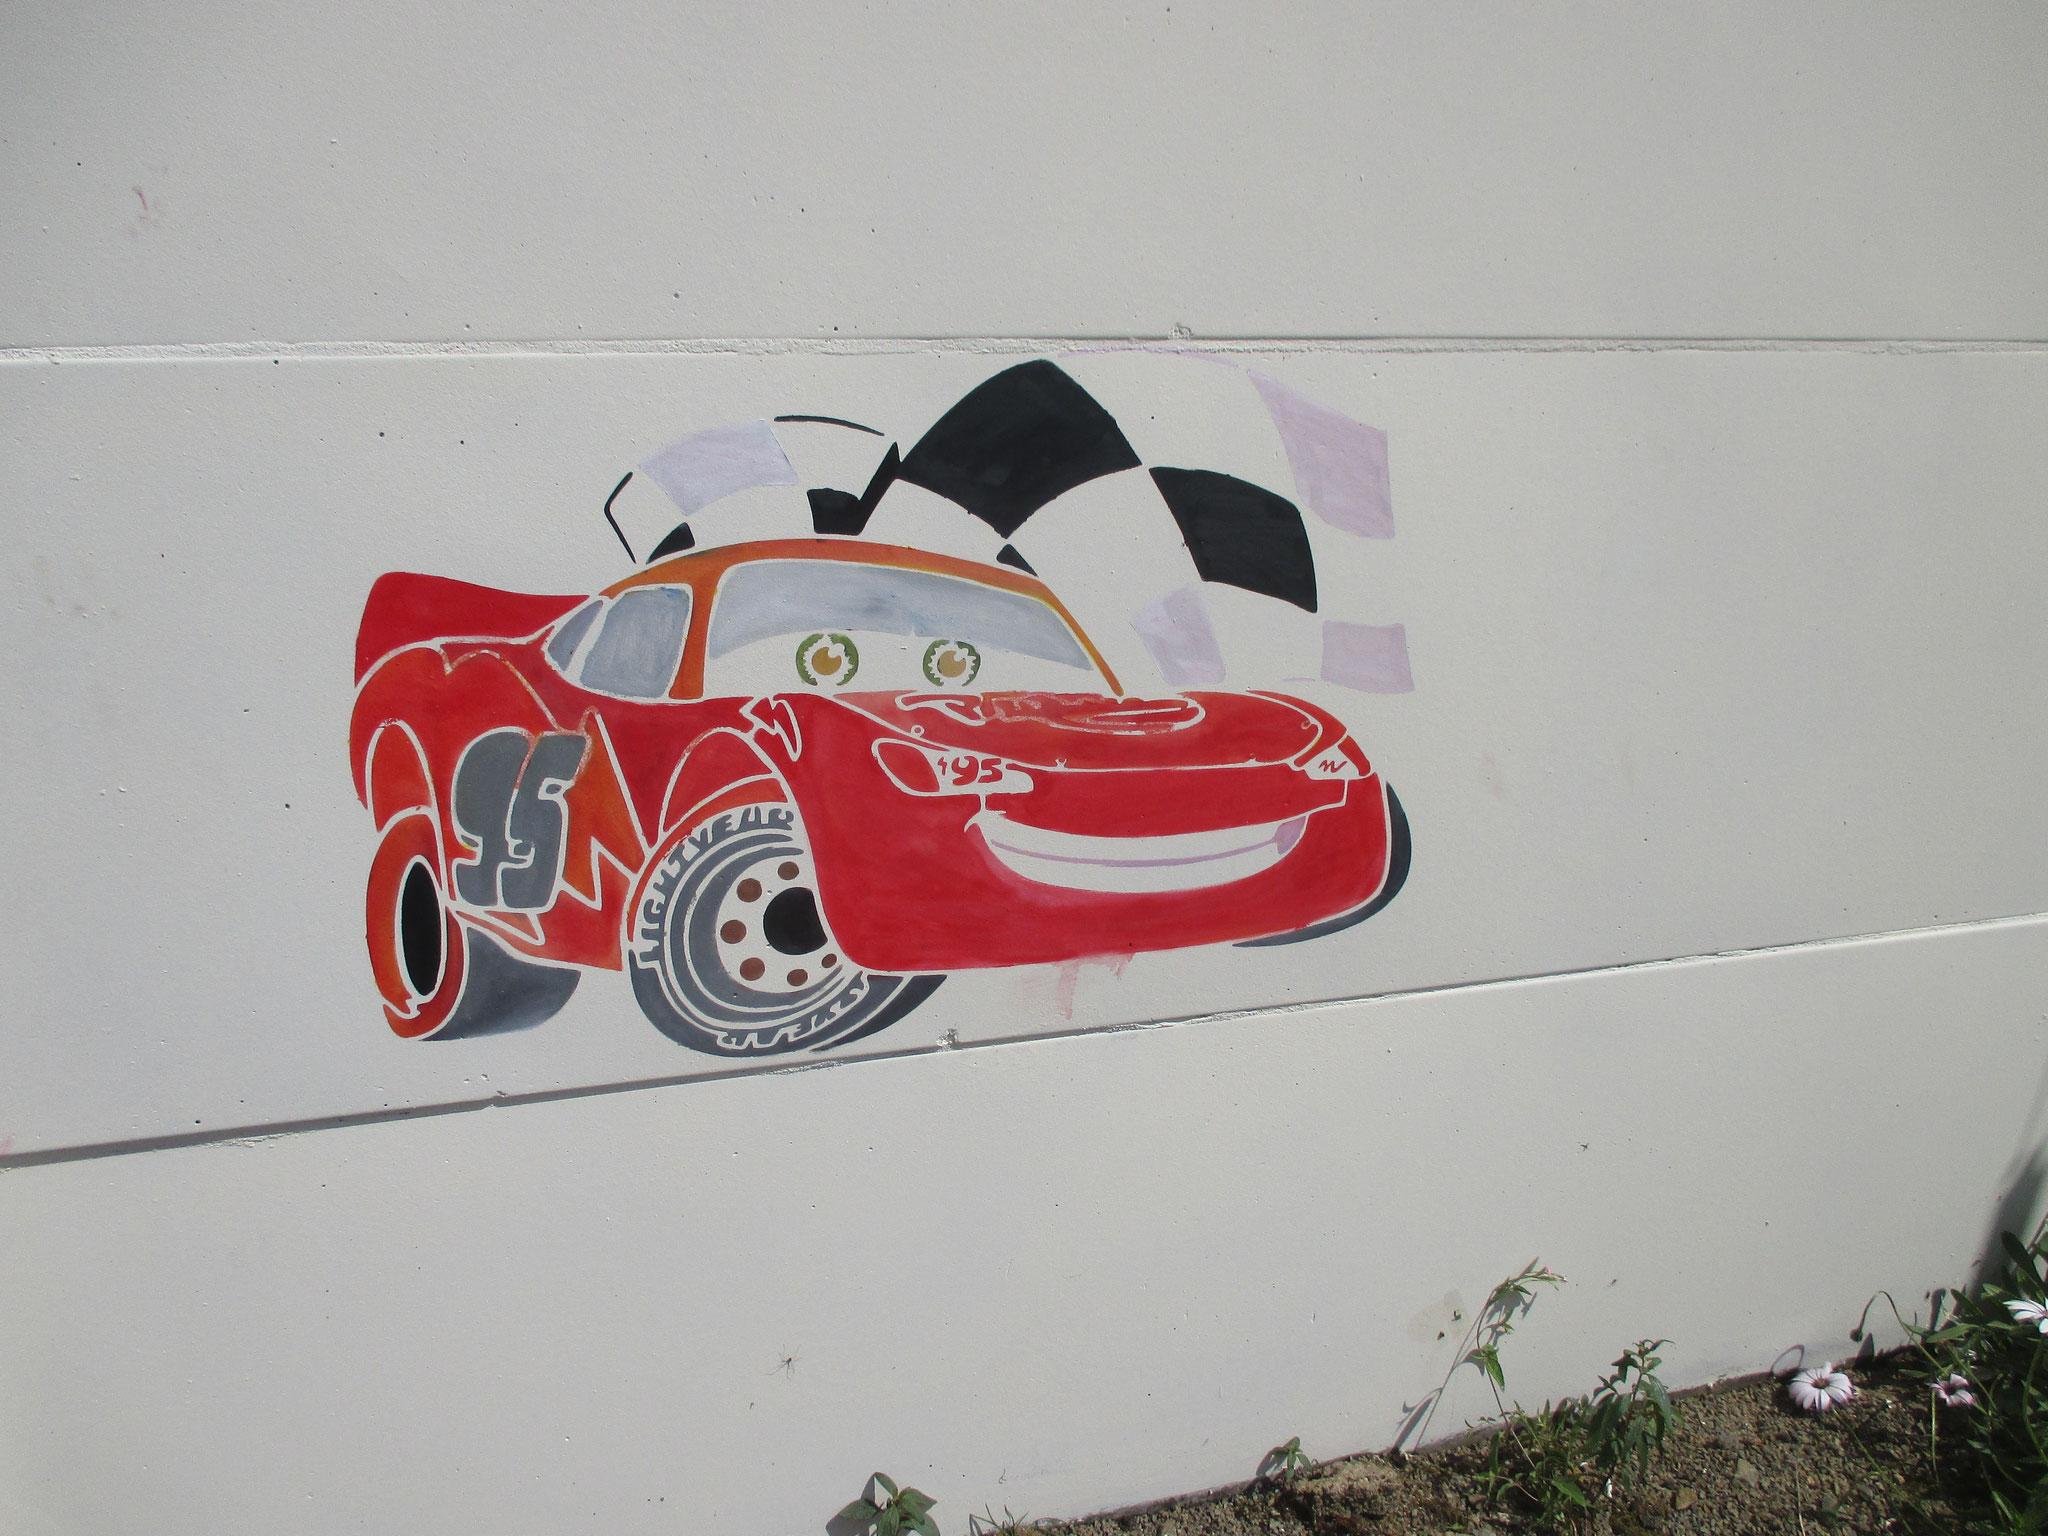 La voiture réalisée par William, 5 ans